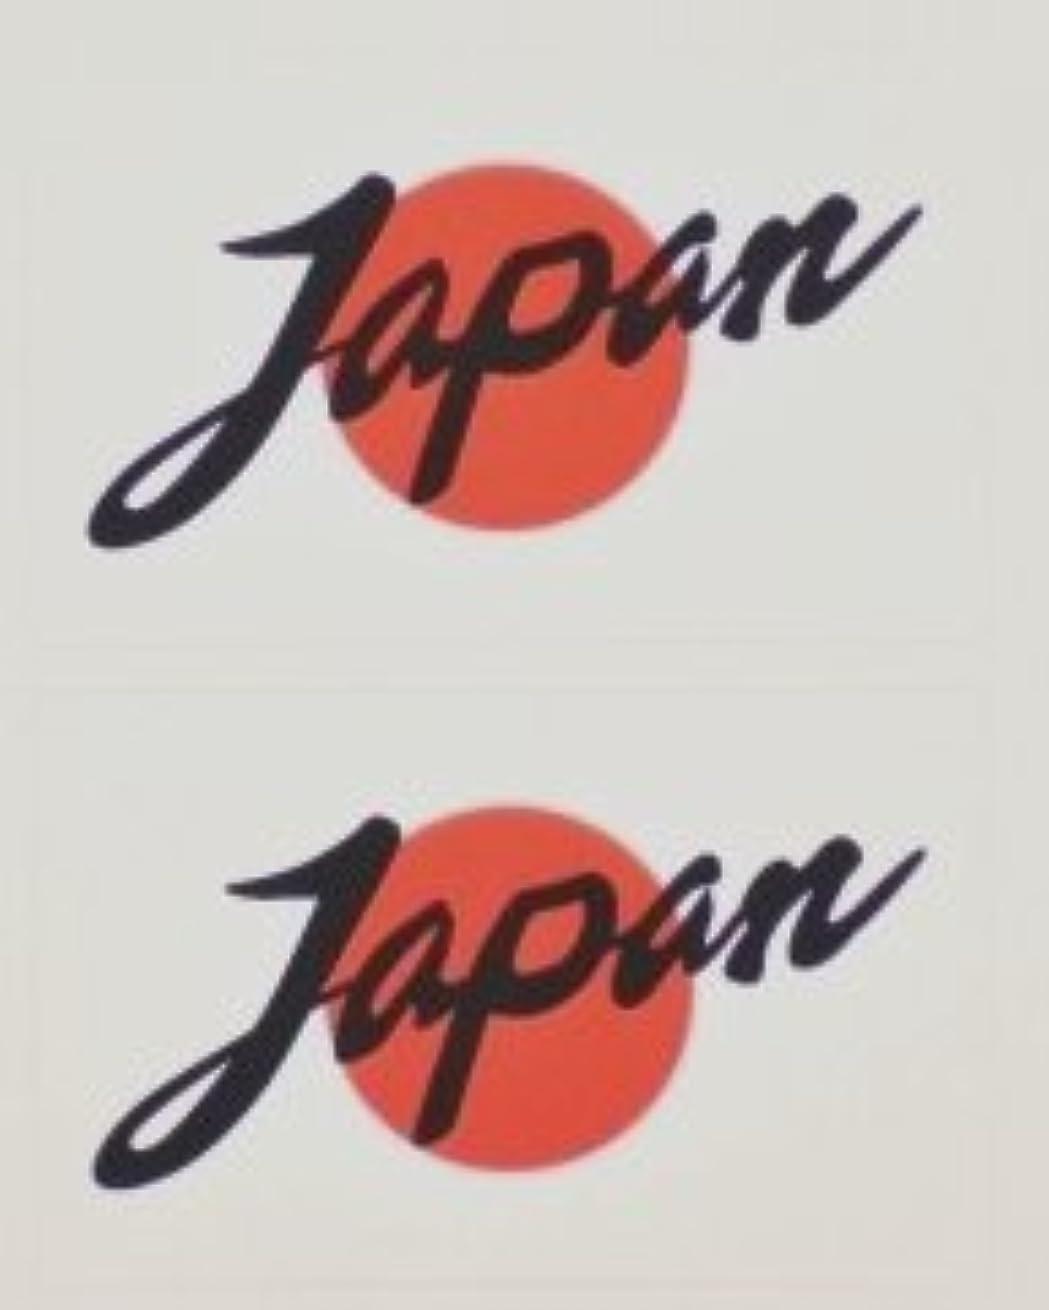 激怒主観的艶日の丸 【Japan】(日本国旗)★フェイスシール/応援/サポーター/ワールドカップ/1シート2枚組